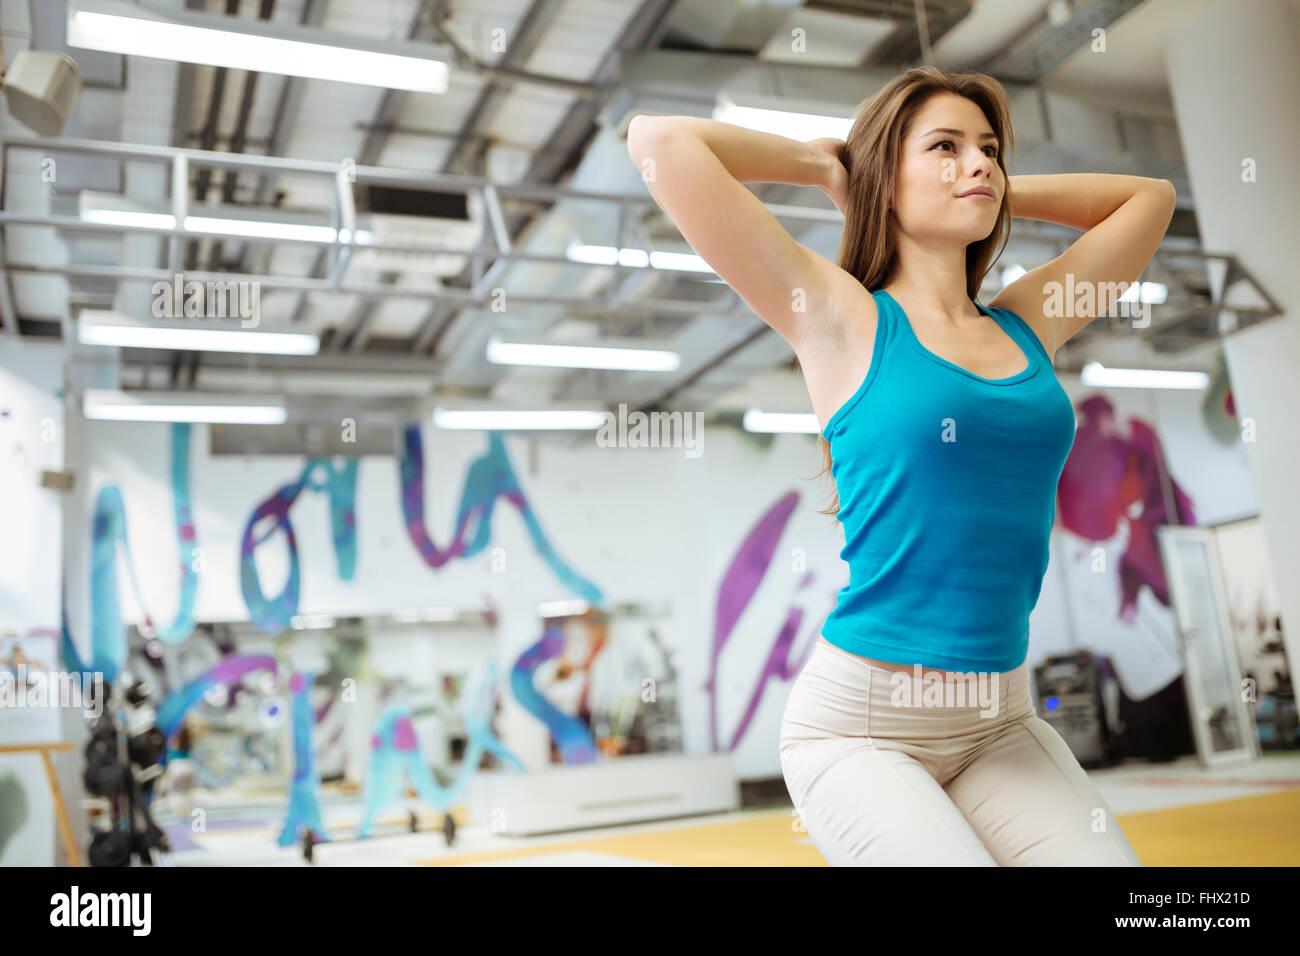 Bella donna di stretching e di esercitare nella bella sala Immagini Stock